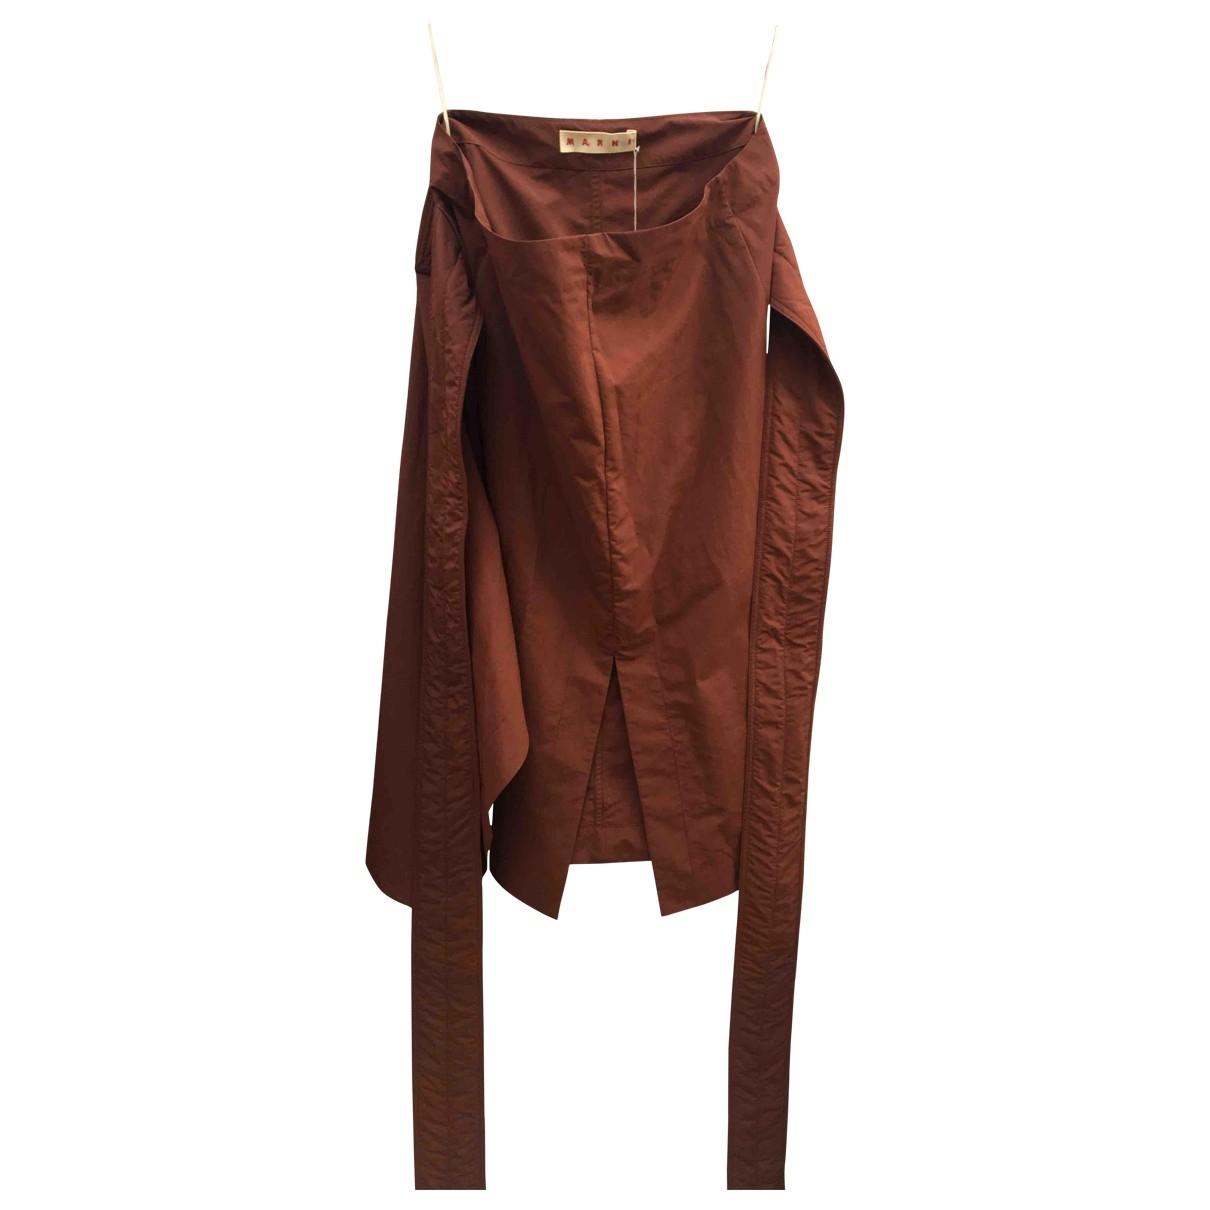 Marni \N Burgundy skirt for Women 38 IT